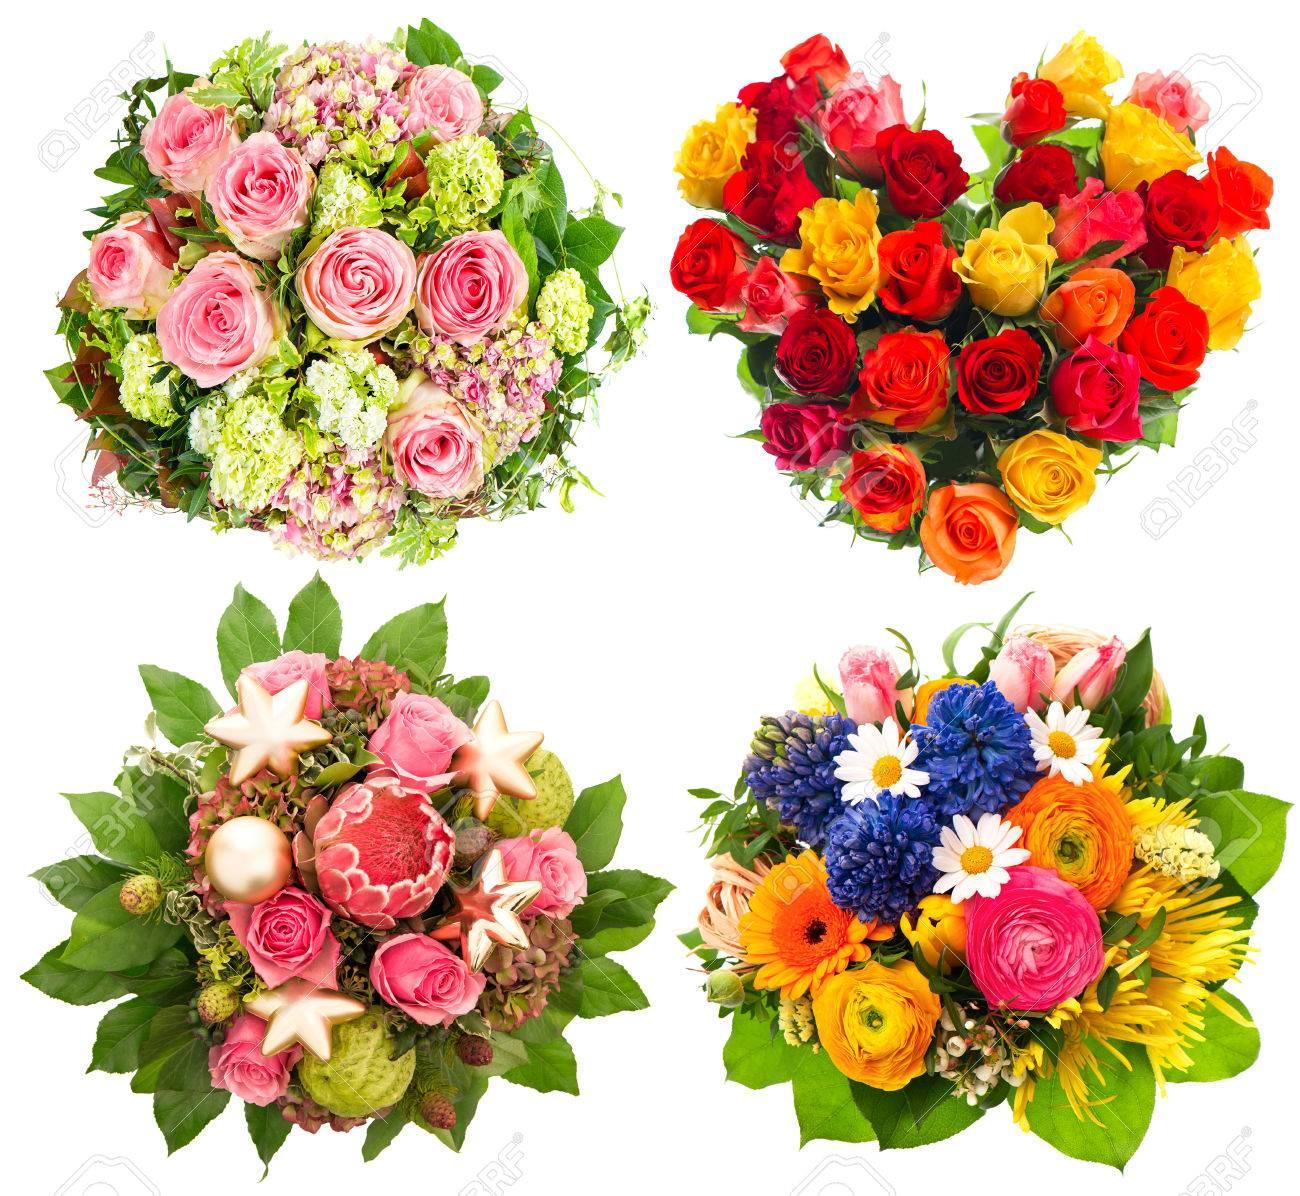 Quatre Fleurs Colorées Bouquet Pour Lanniversaire Mariage Fête Des Mères Saint Valentin Noël Nouvel An Arrangement De Roses